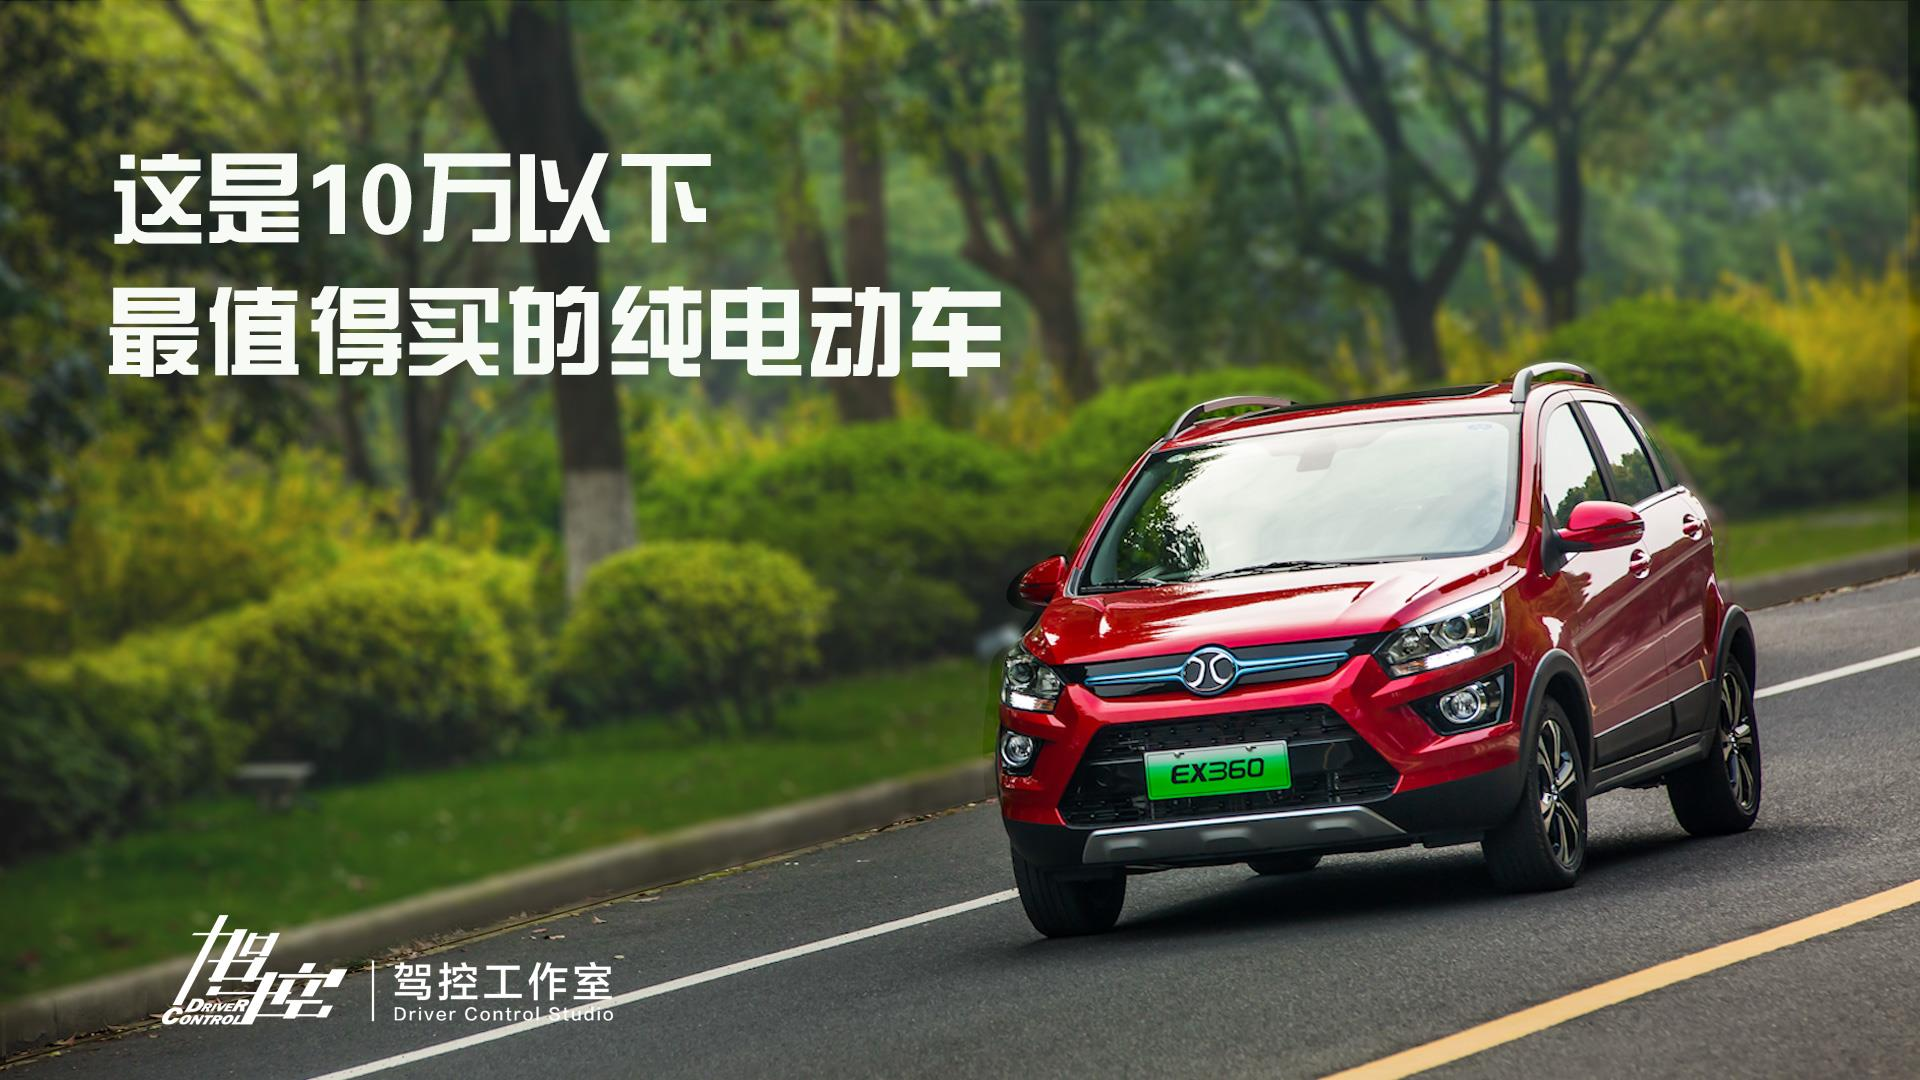 驾控:北汽EX360 这是10万以下最值得买的纯电动车